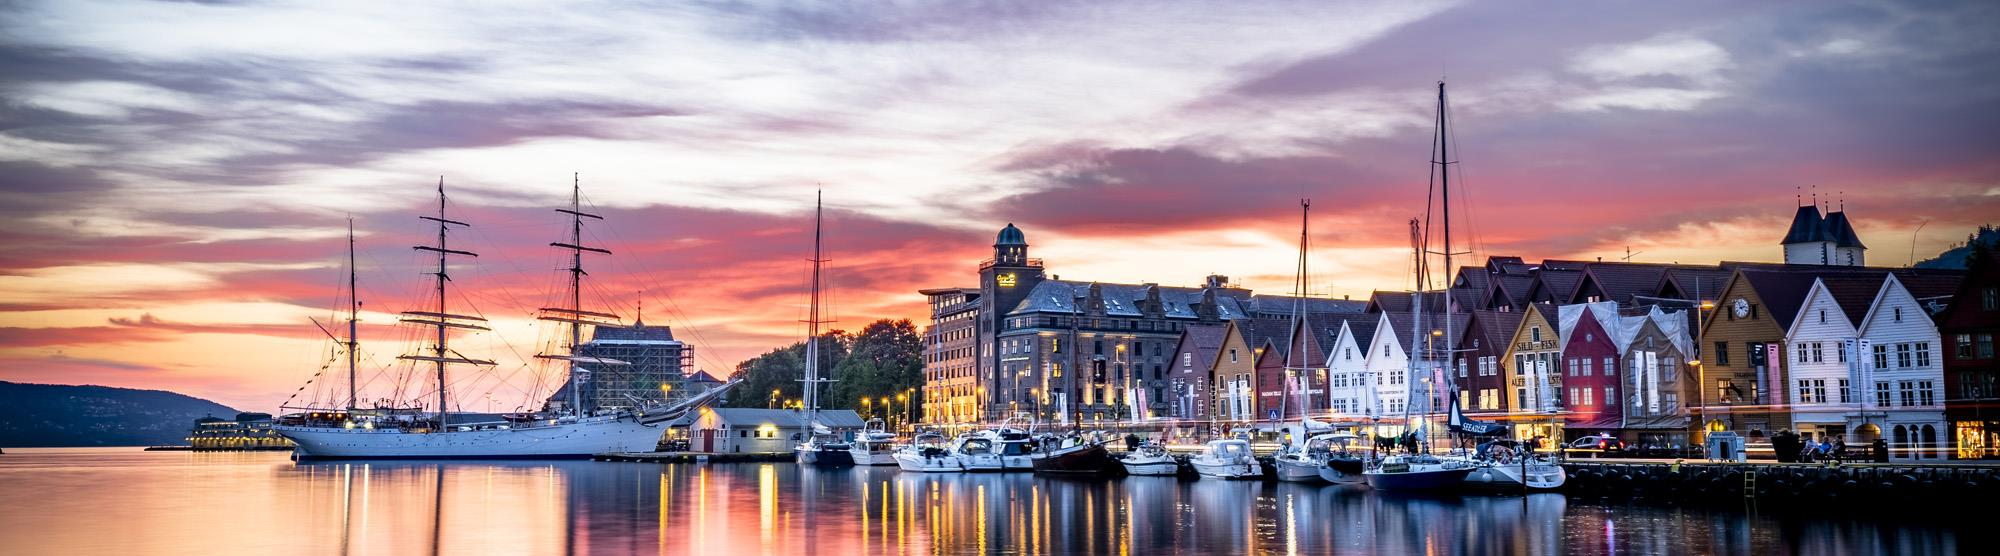 Weekend Trip From London to Bergen